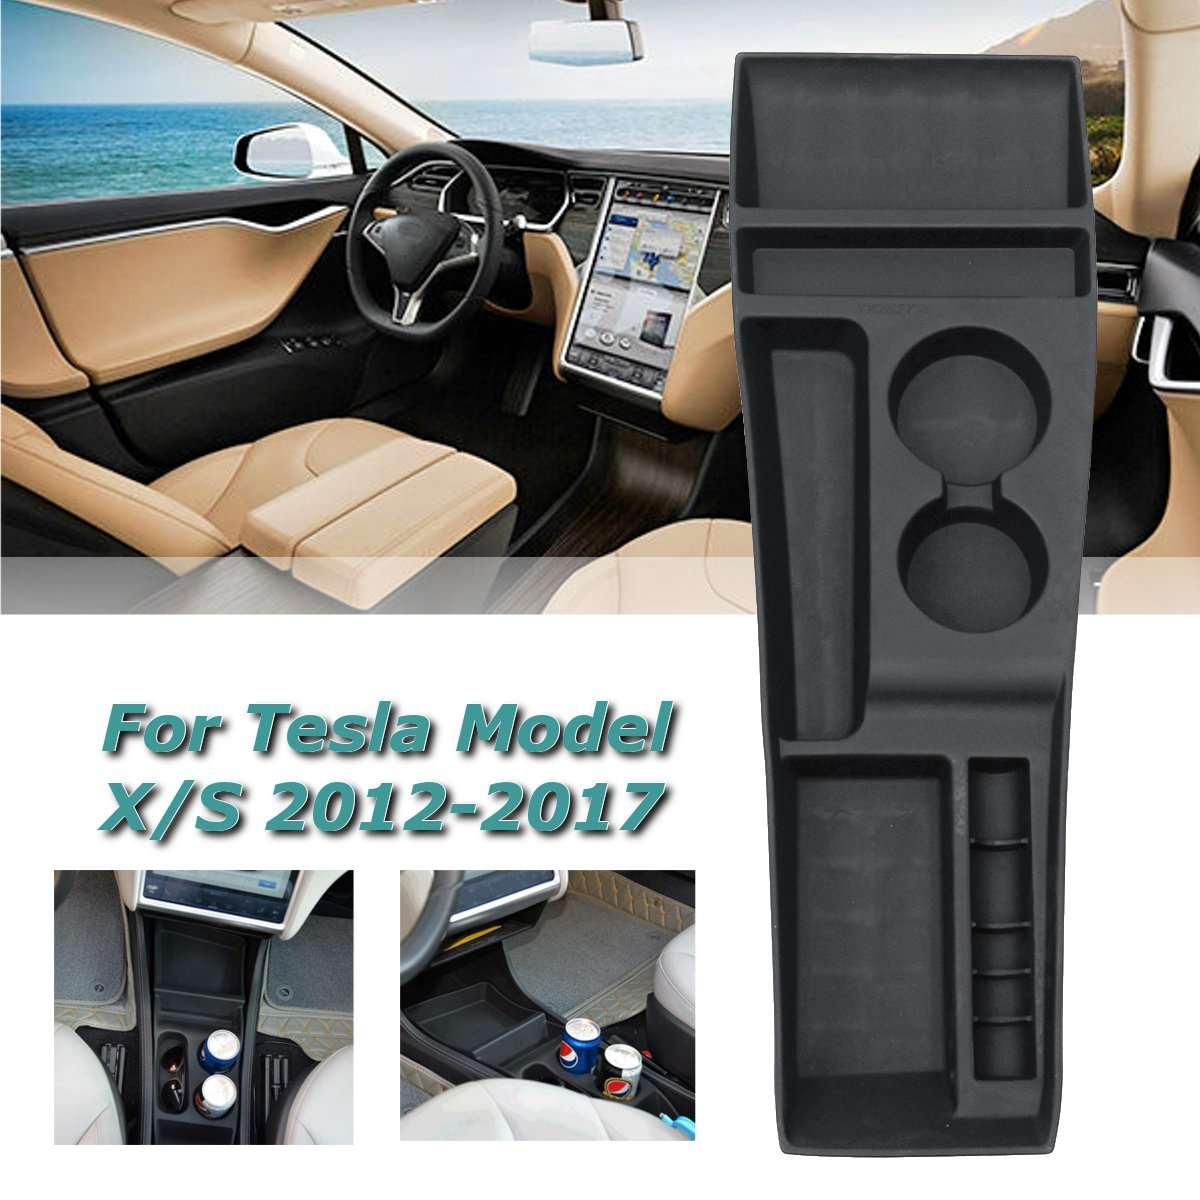 Silicone Noir Center Console Boîte De Rangement Porte-Gobelet Pour Tesla Modèle X Modèle S 2012 2013 2014 2015 2016 2017 boîte de Stockage De voiture